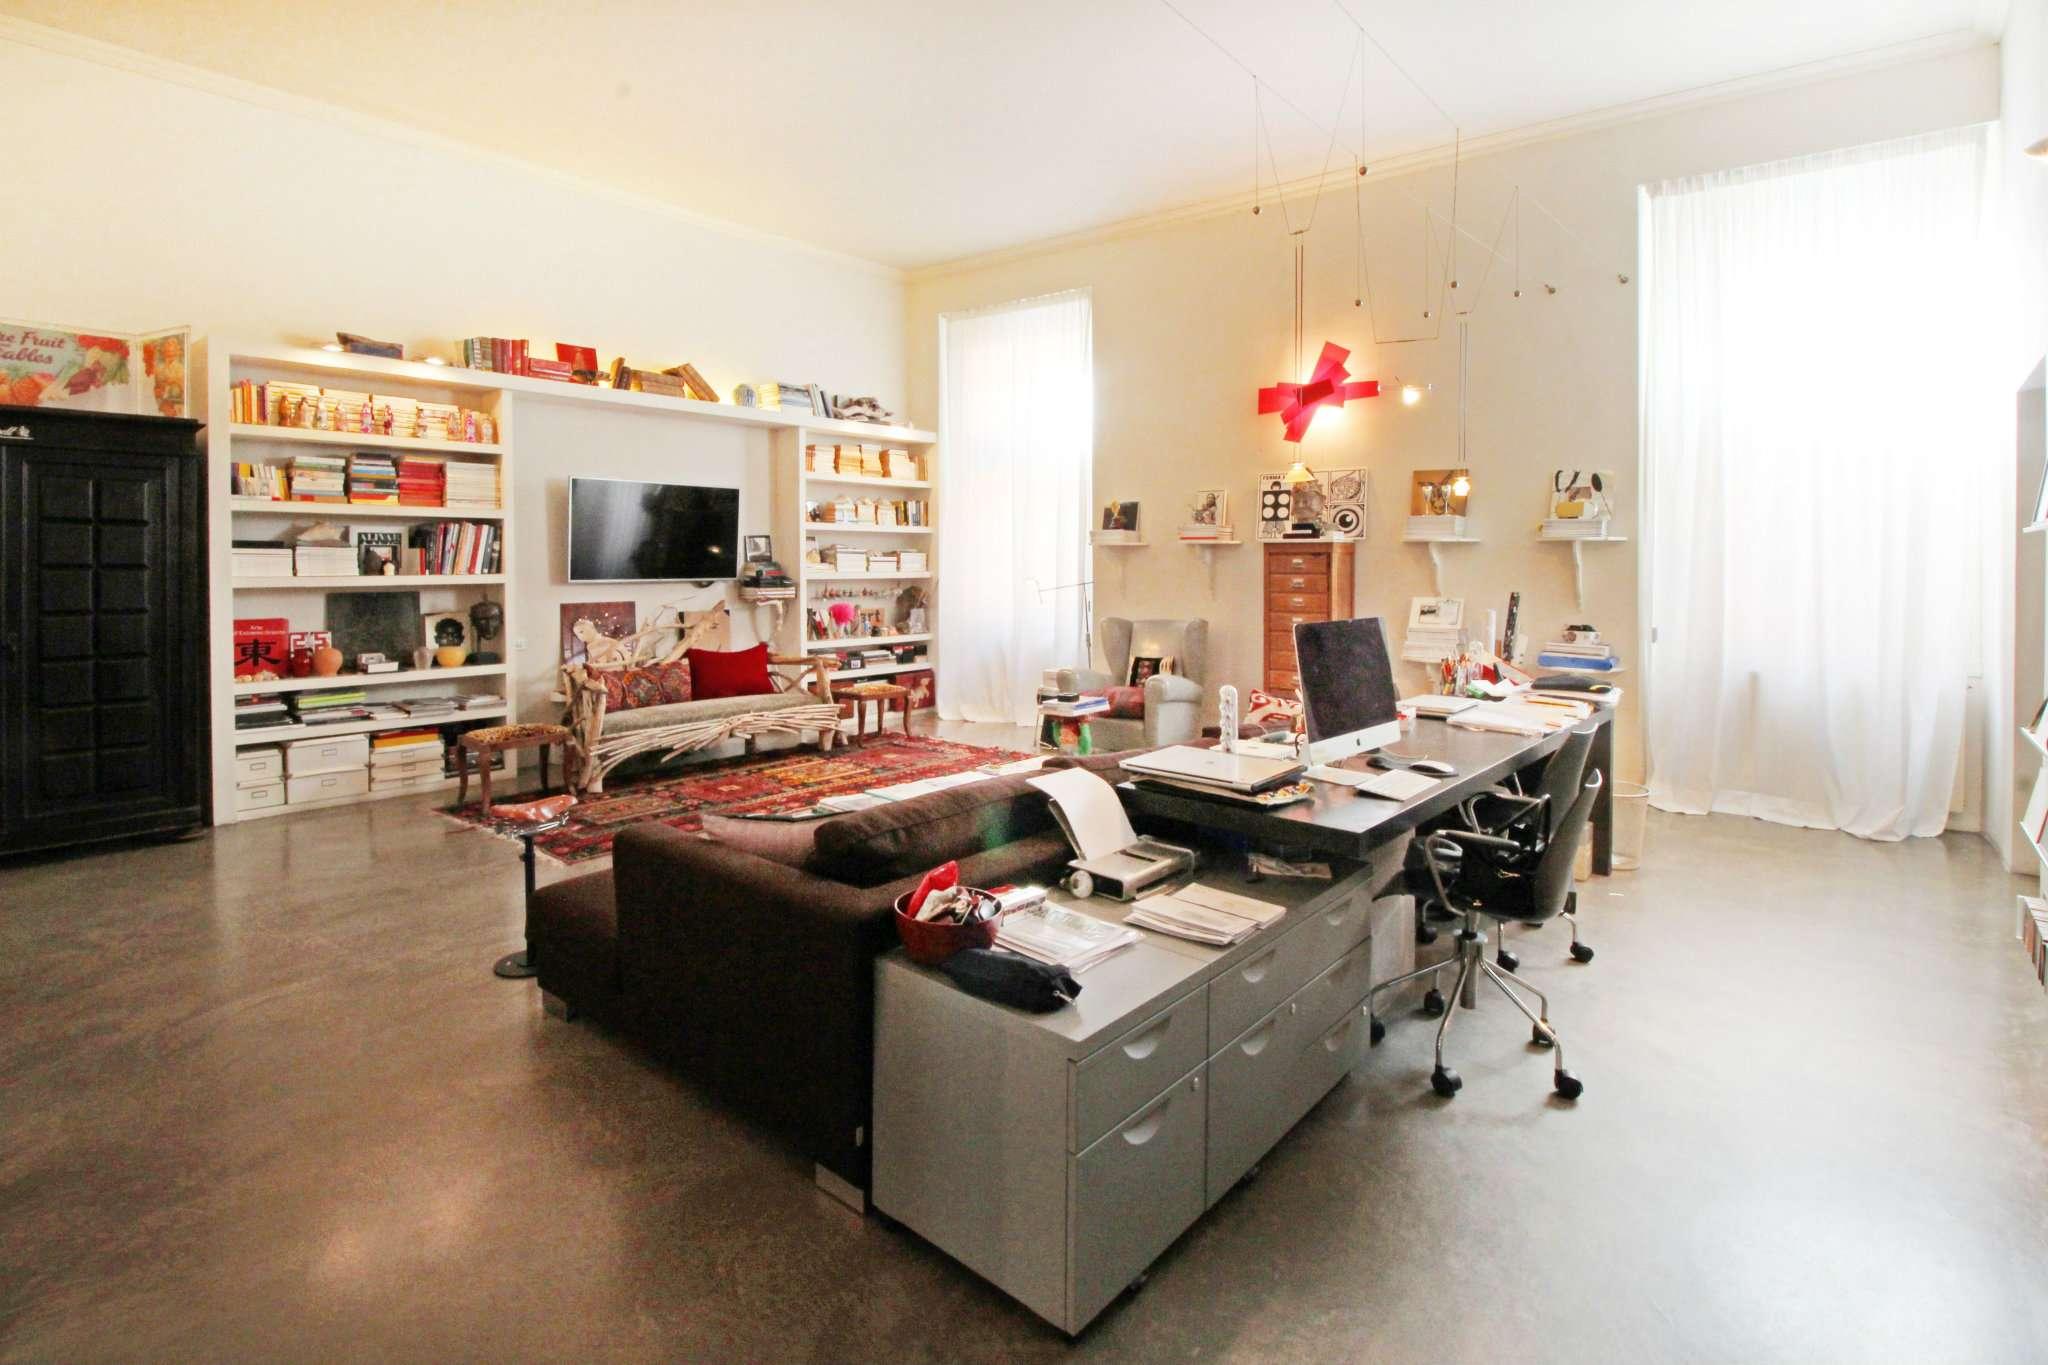 Foto 1 di Appartamento via SAN VINCENZO, Genova (zona Centro città)